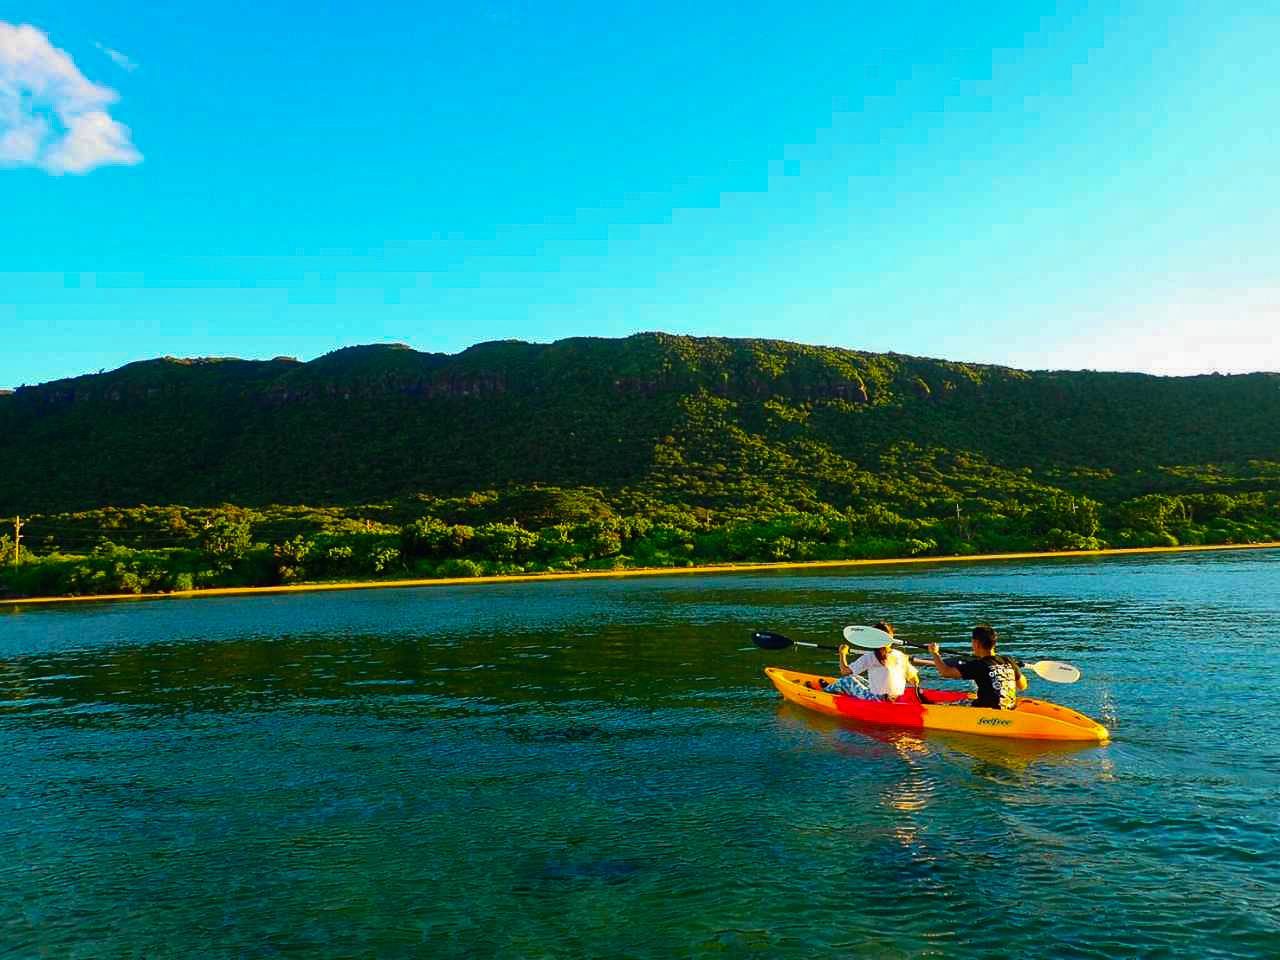 カップルで絶景を楽しみながら川平湾カヤック体験